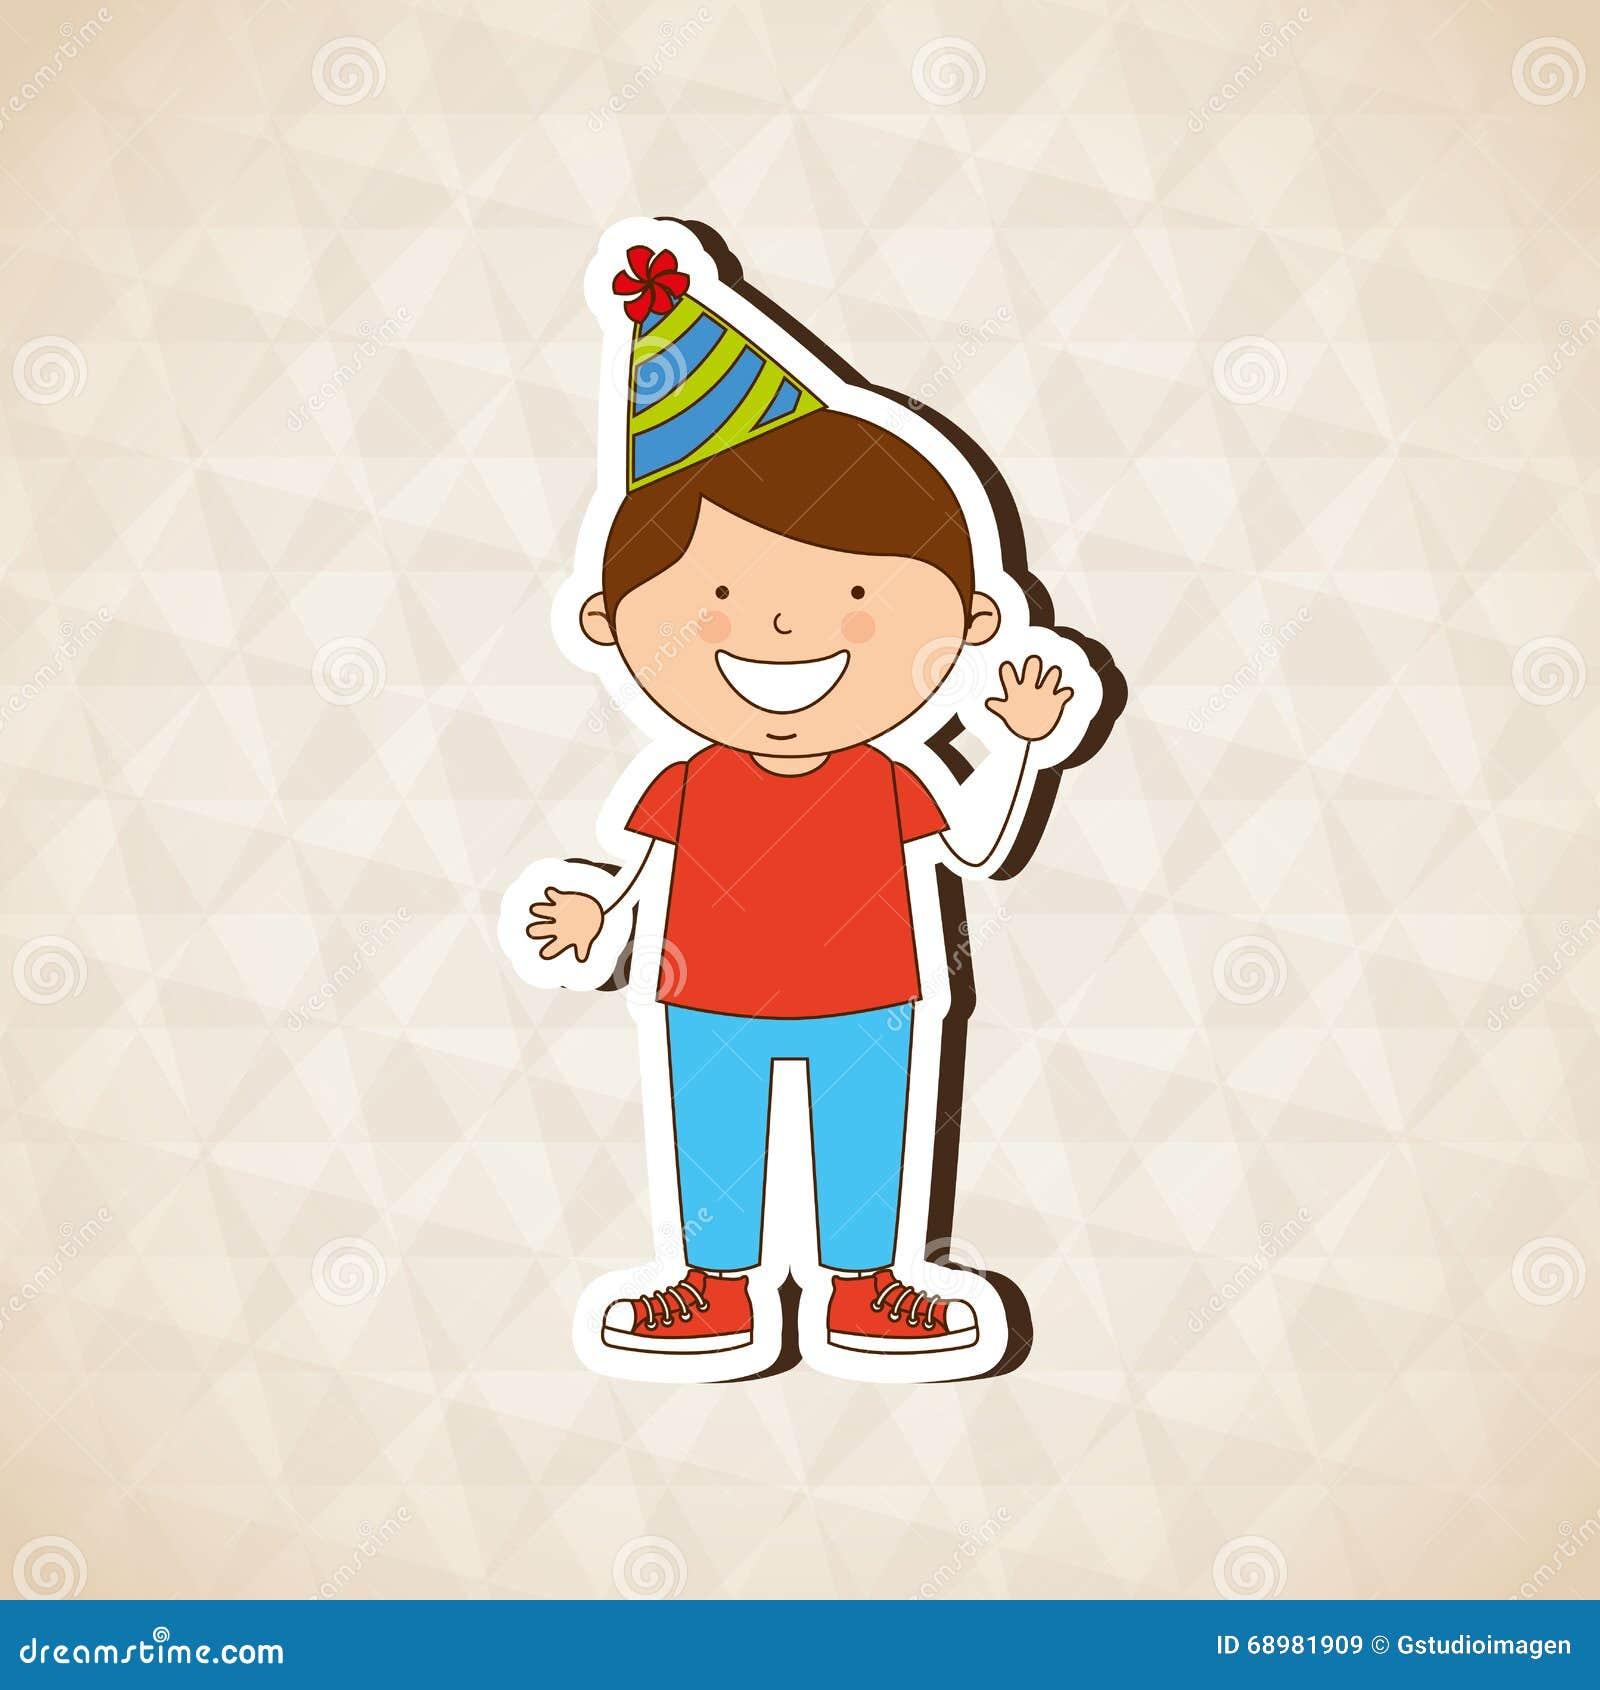 Дизайн вечеринки по случаю дня рождения